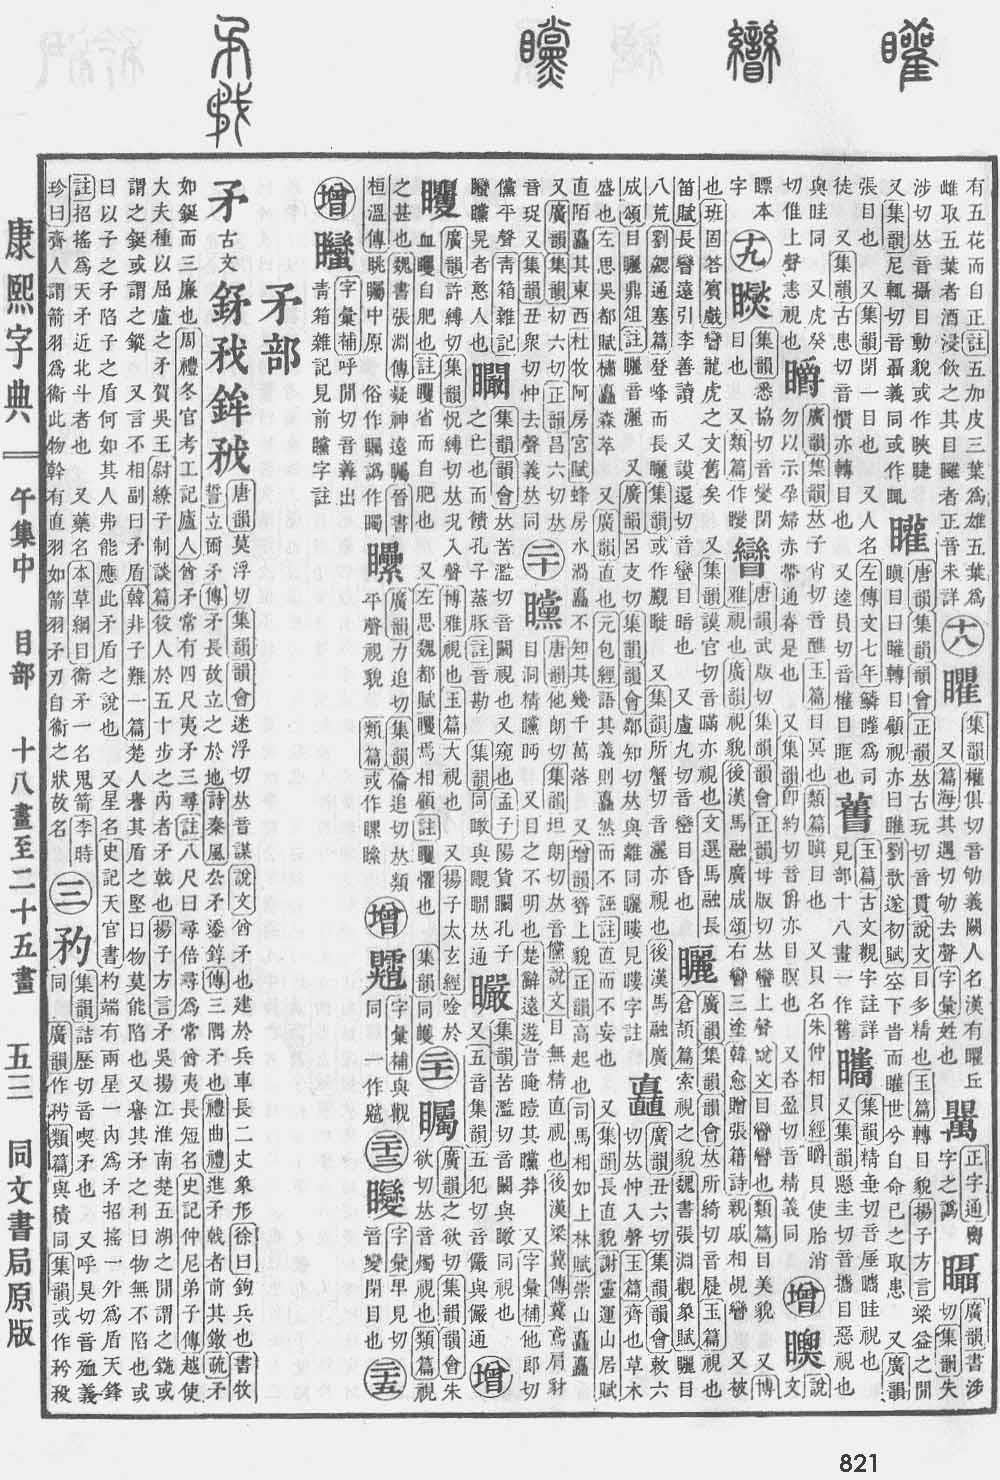 《康熙字典》第821页